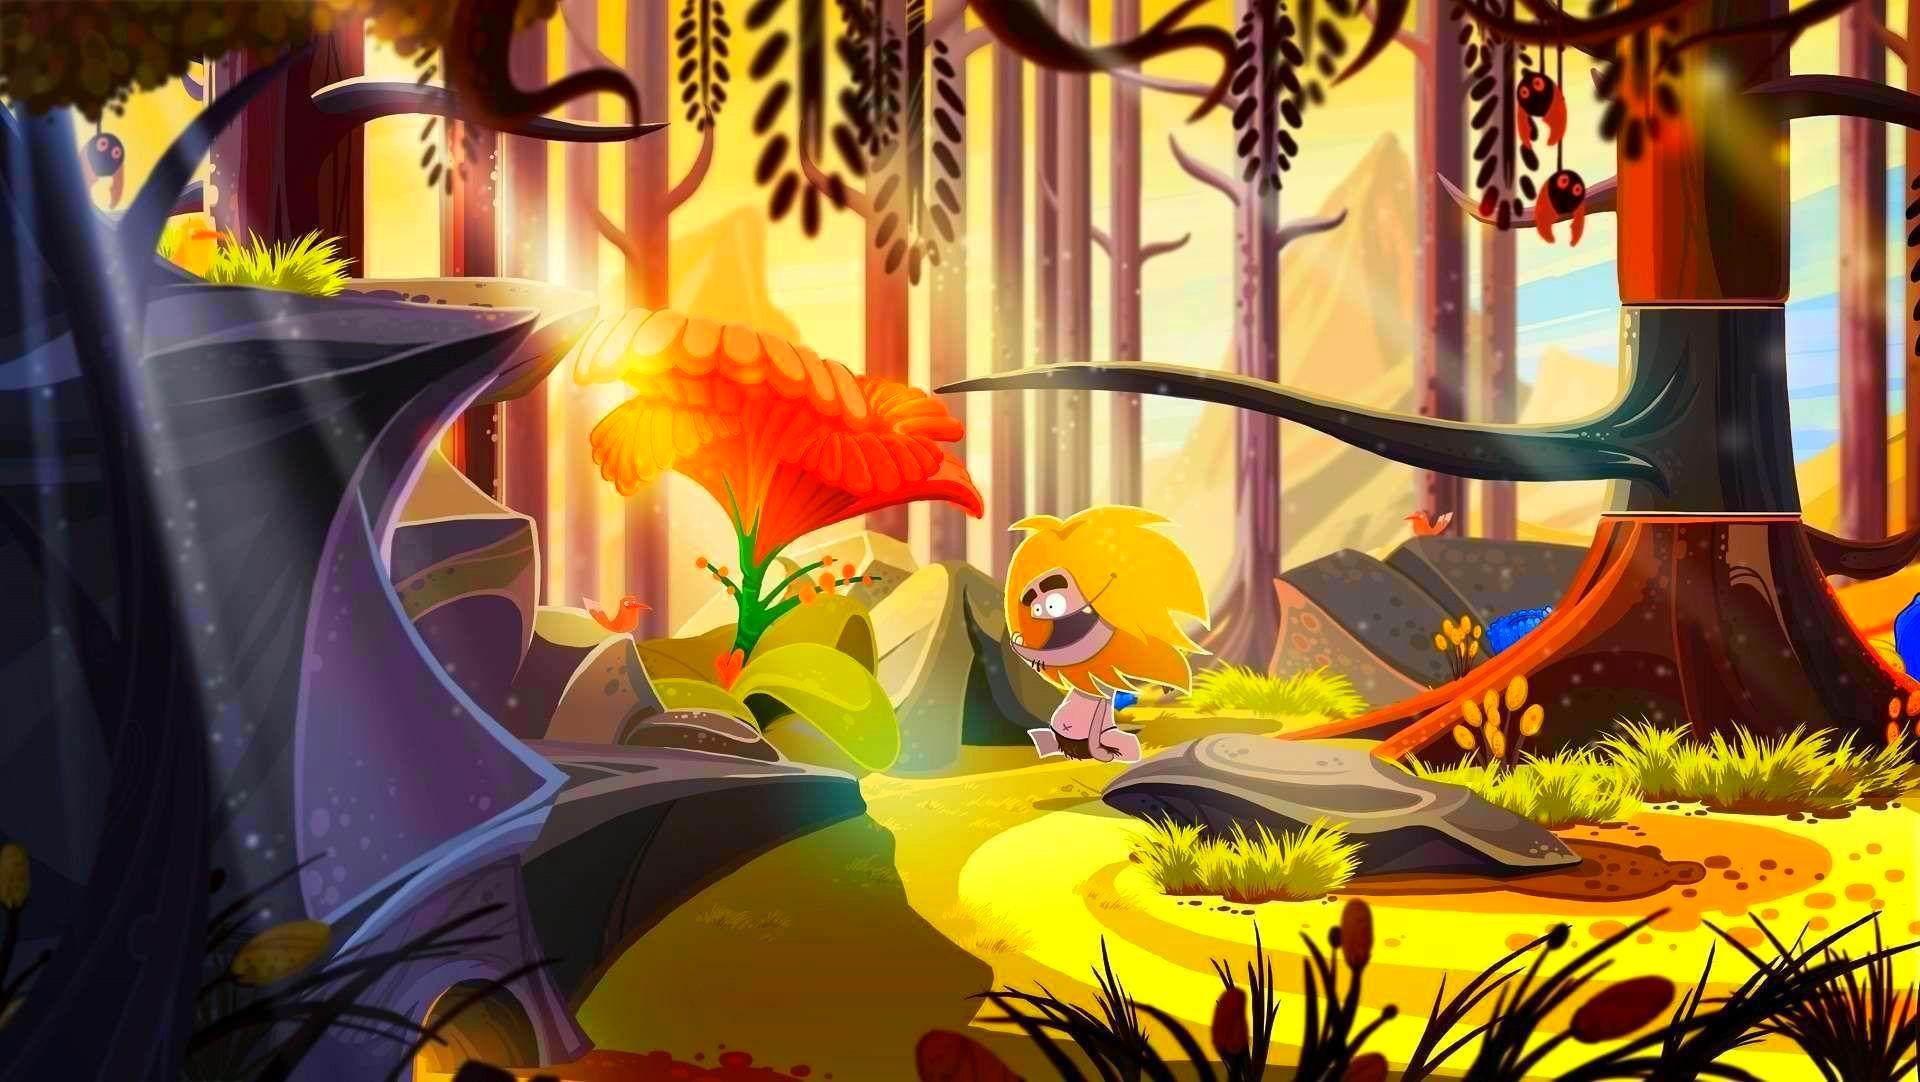 Screenshot from FIRE (2/6)